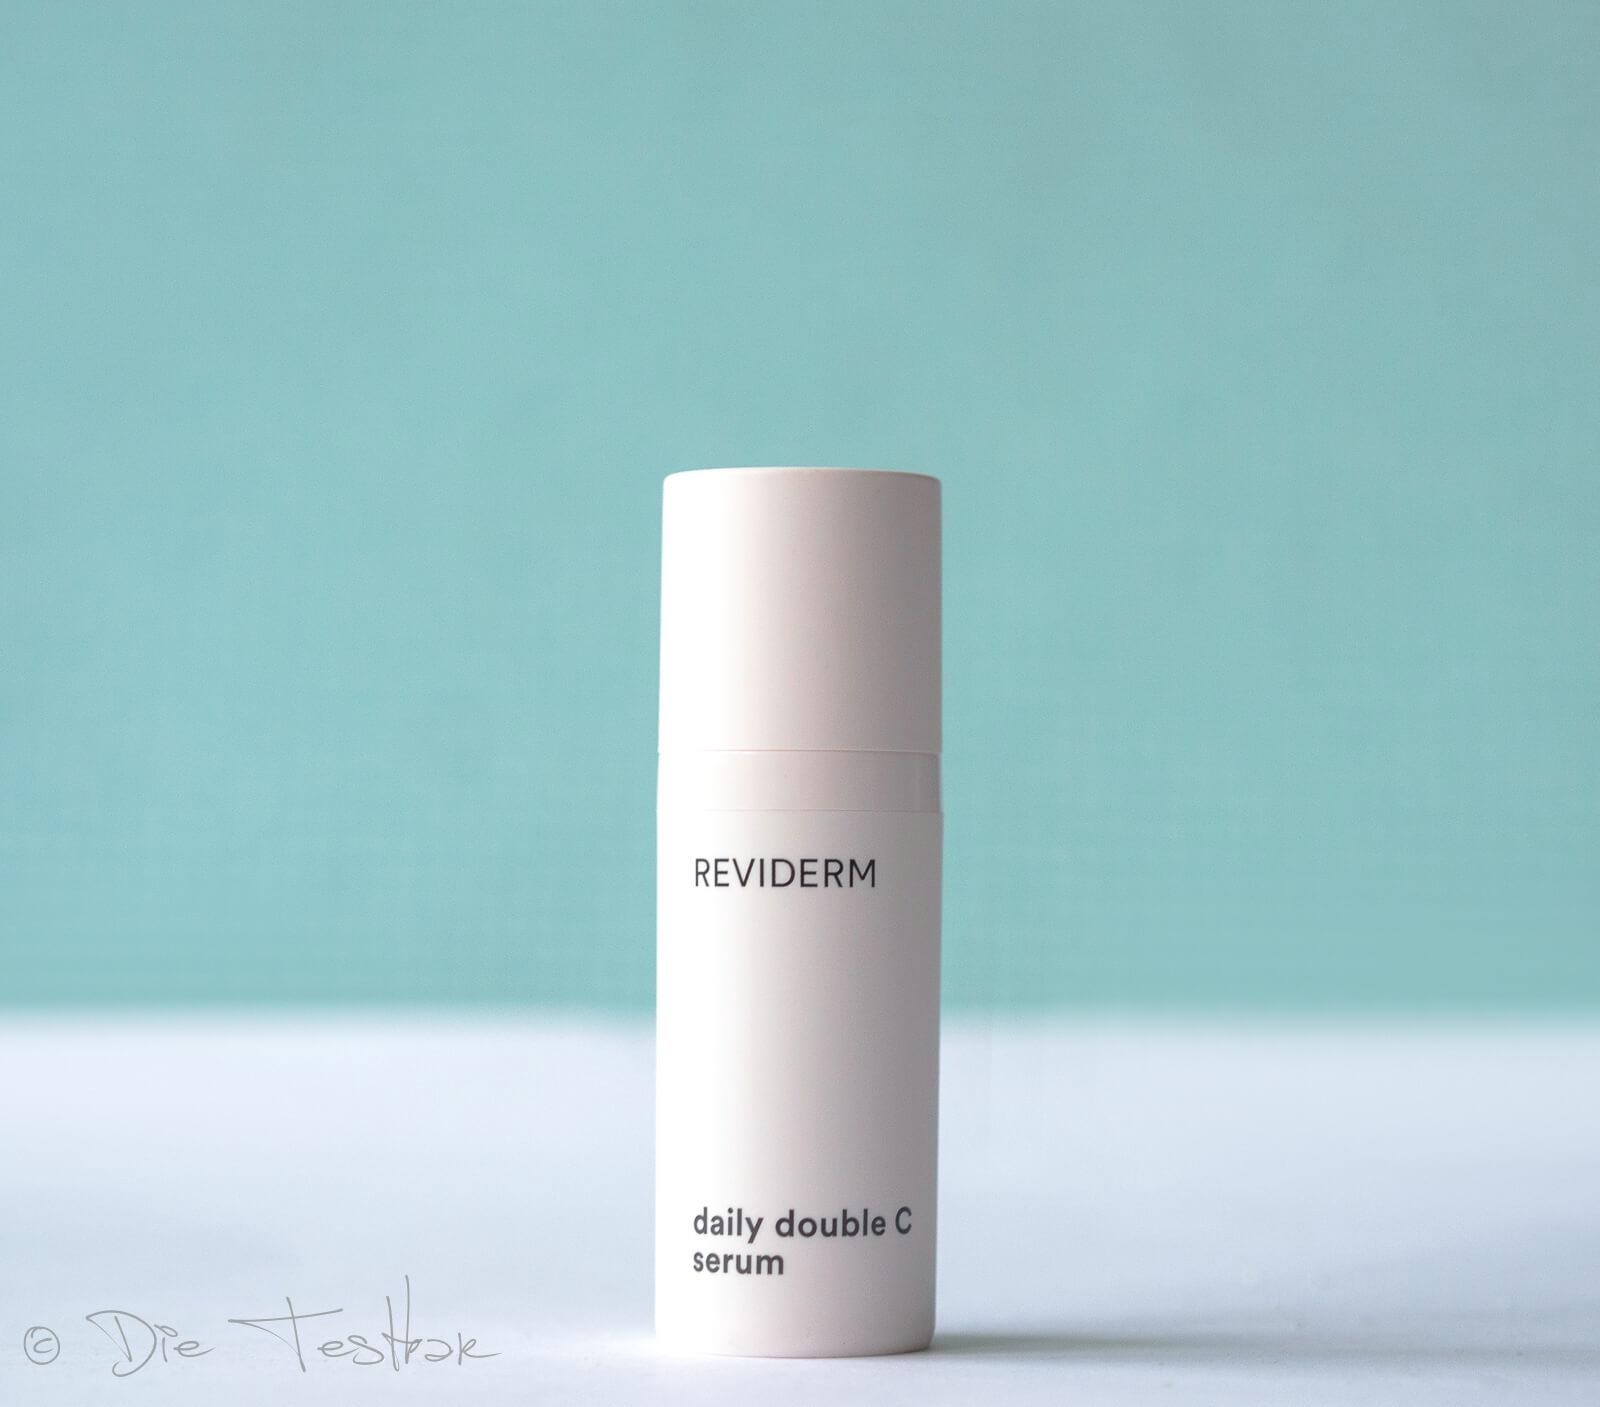 daily double C serum - Straffendes Vitamin C Serum für ein ebenmäßiges Hautbild von Reviderm